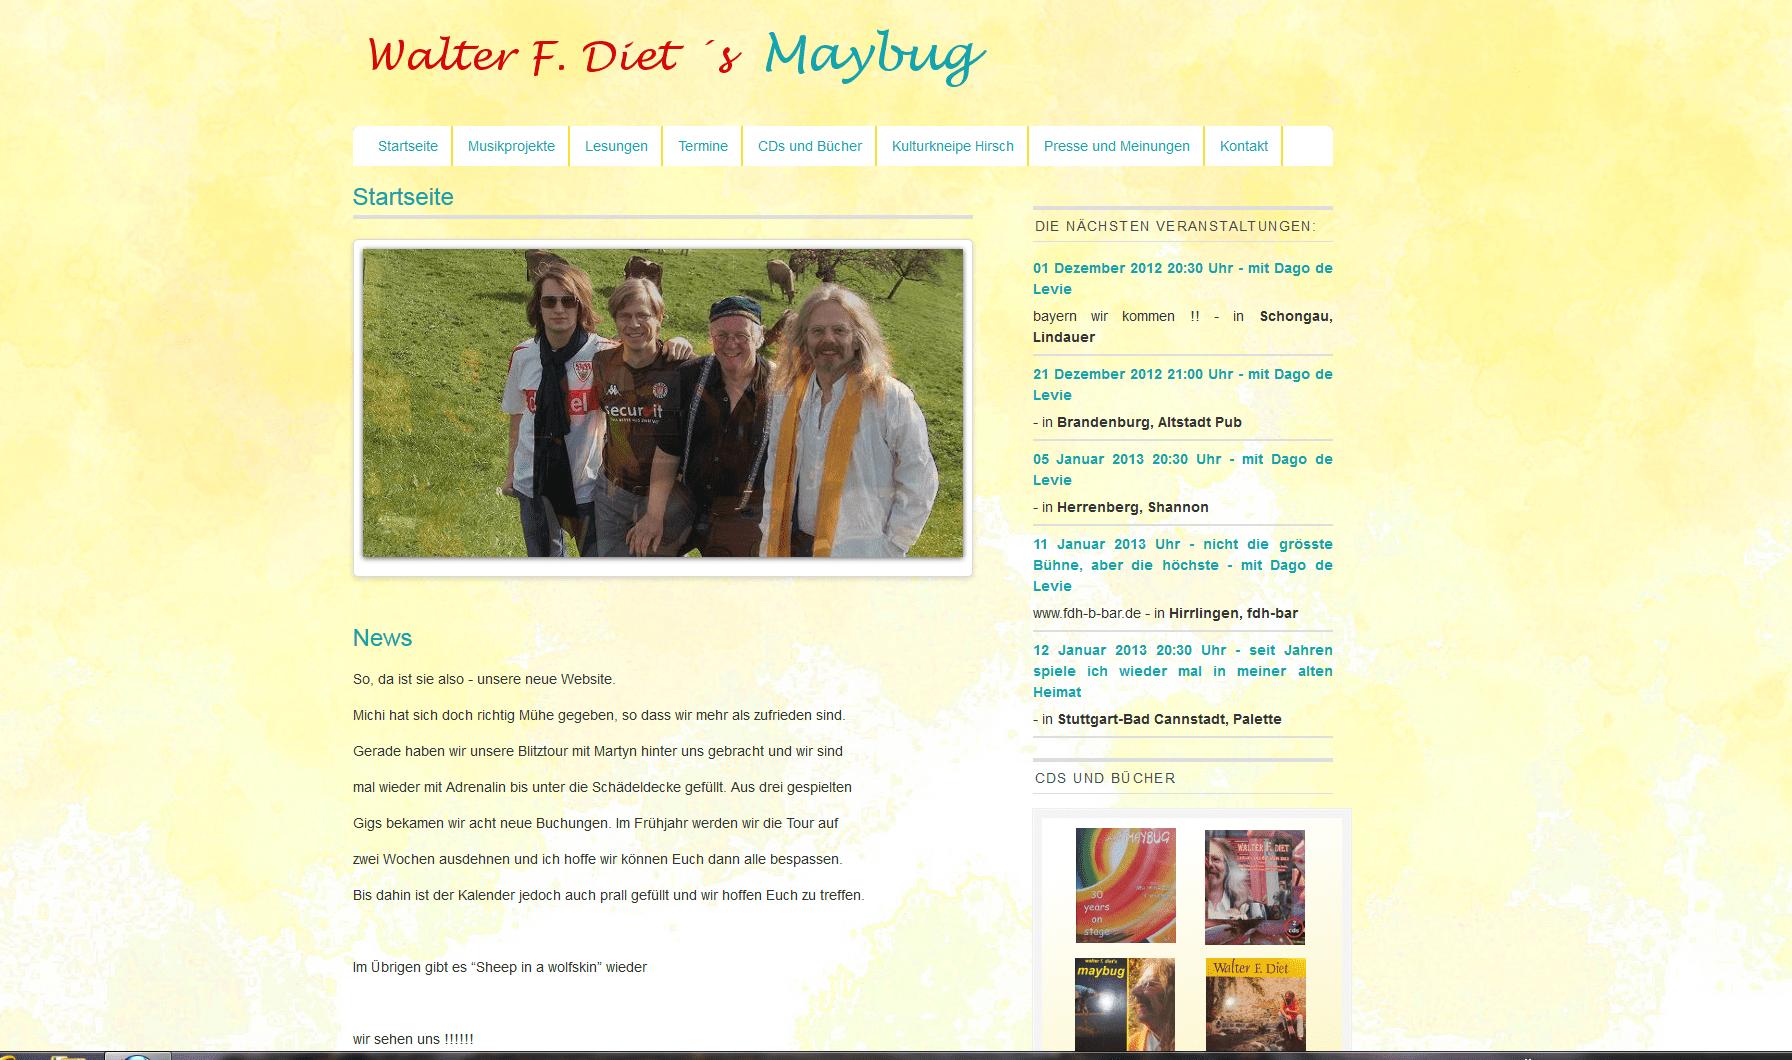 www.maybug.de